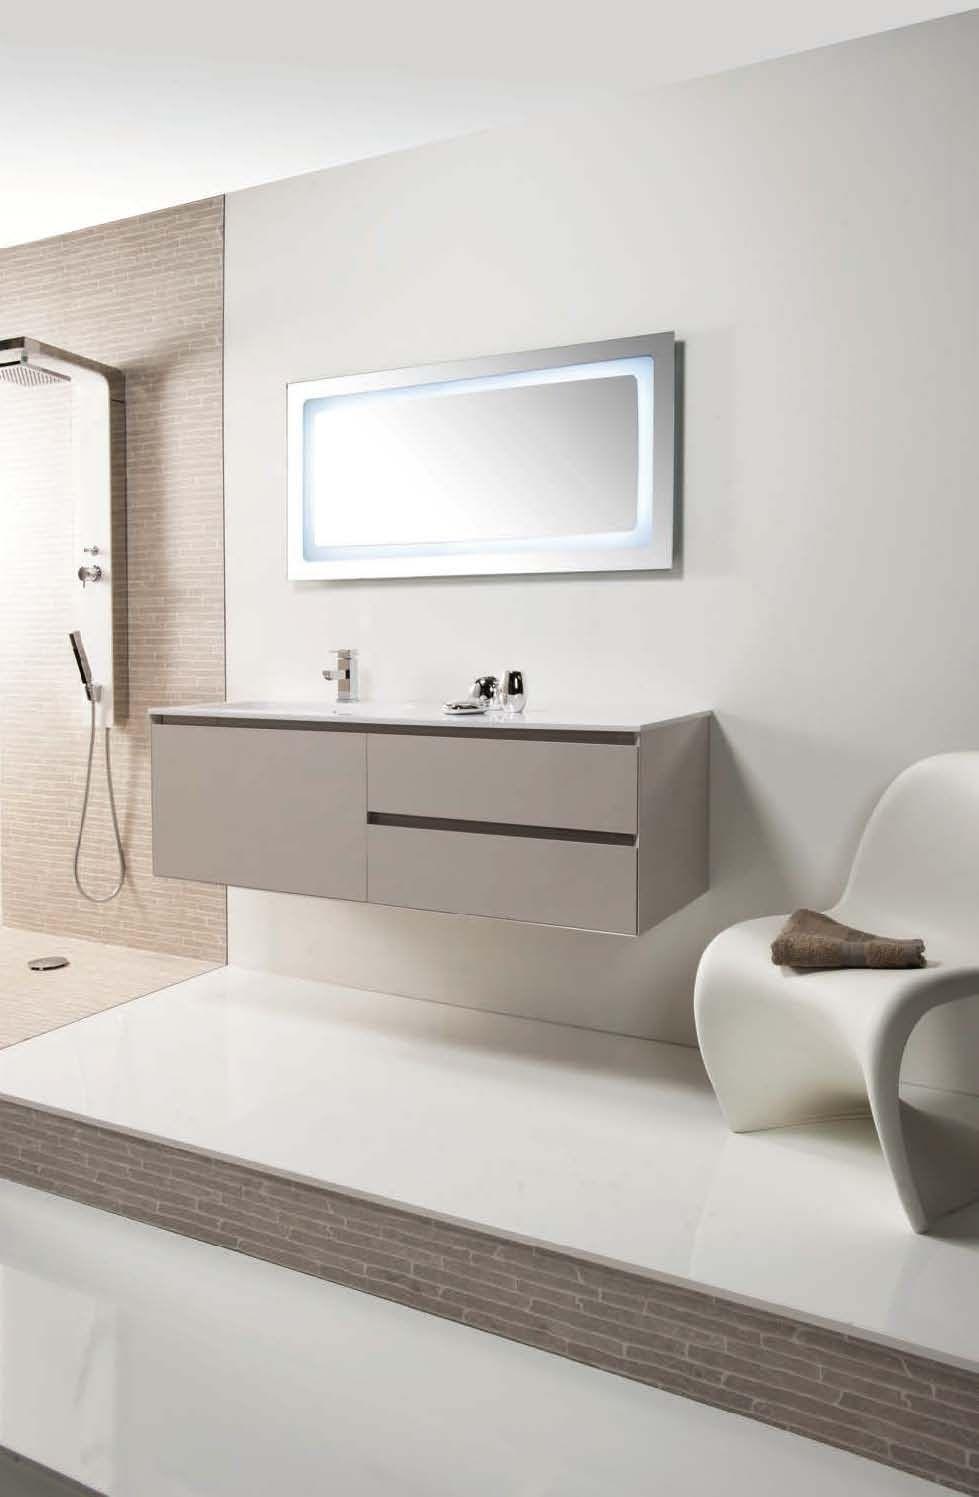 Meuble vasque et lavabo qui épatent. Lesquels préférez-vous ? Nos